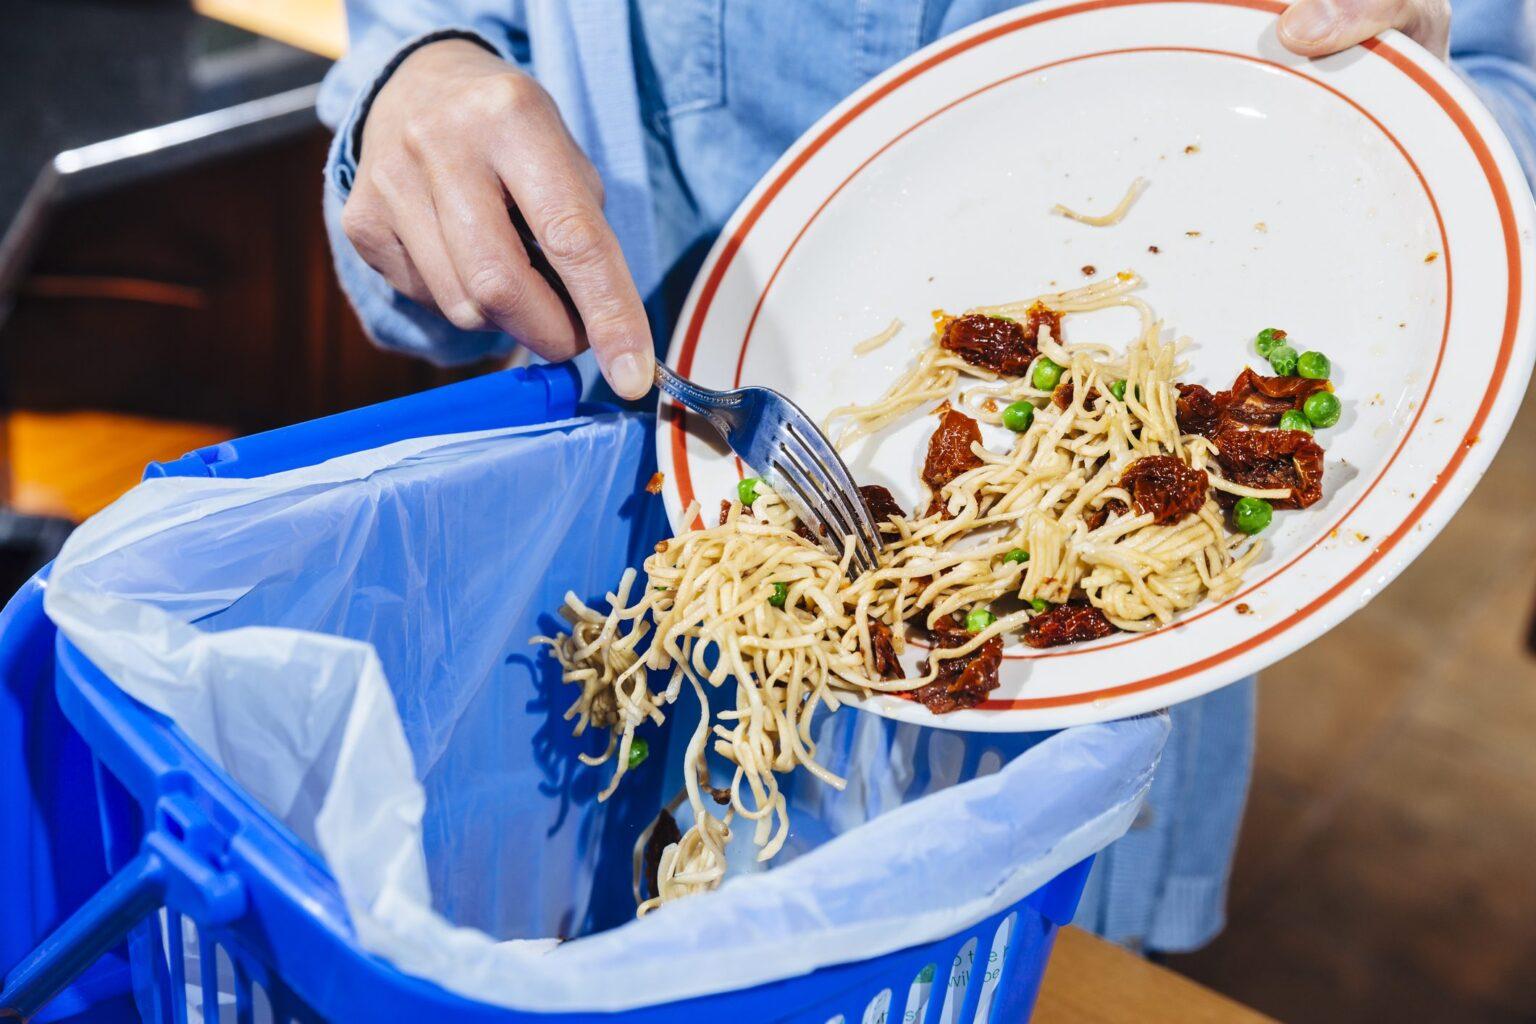 foto di un primo piatto buttato nella spazzatura